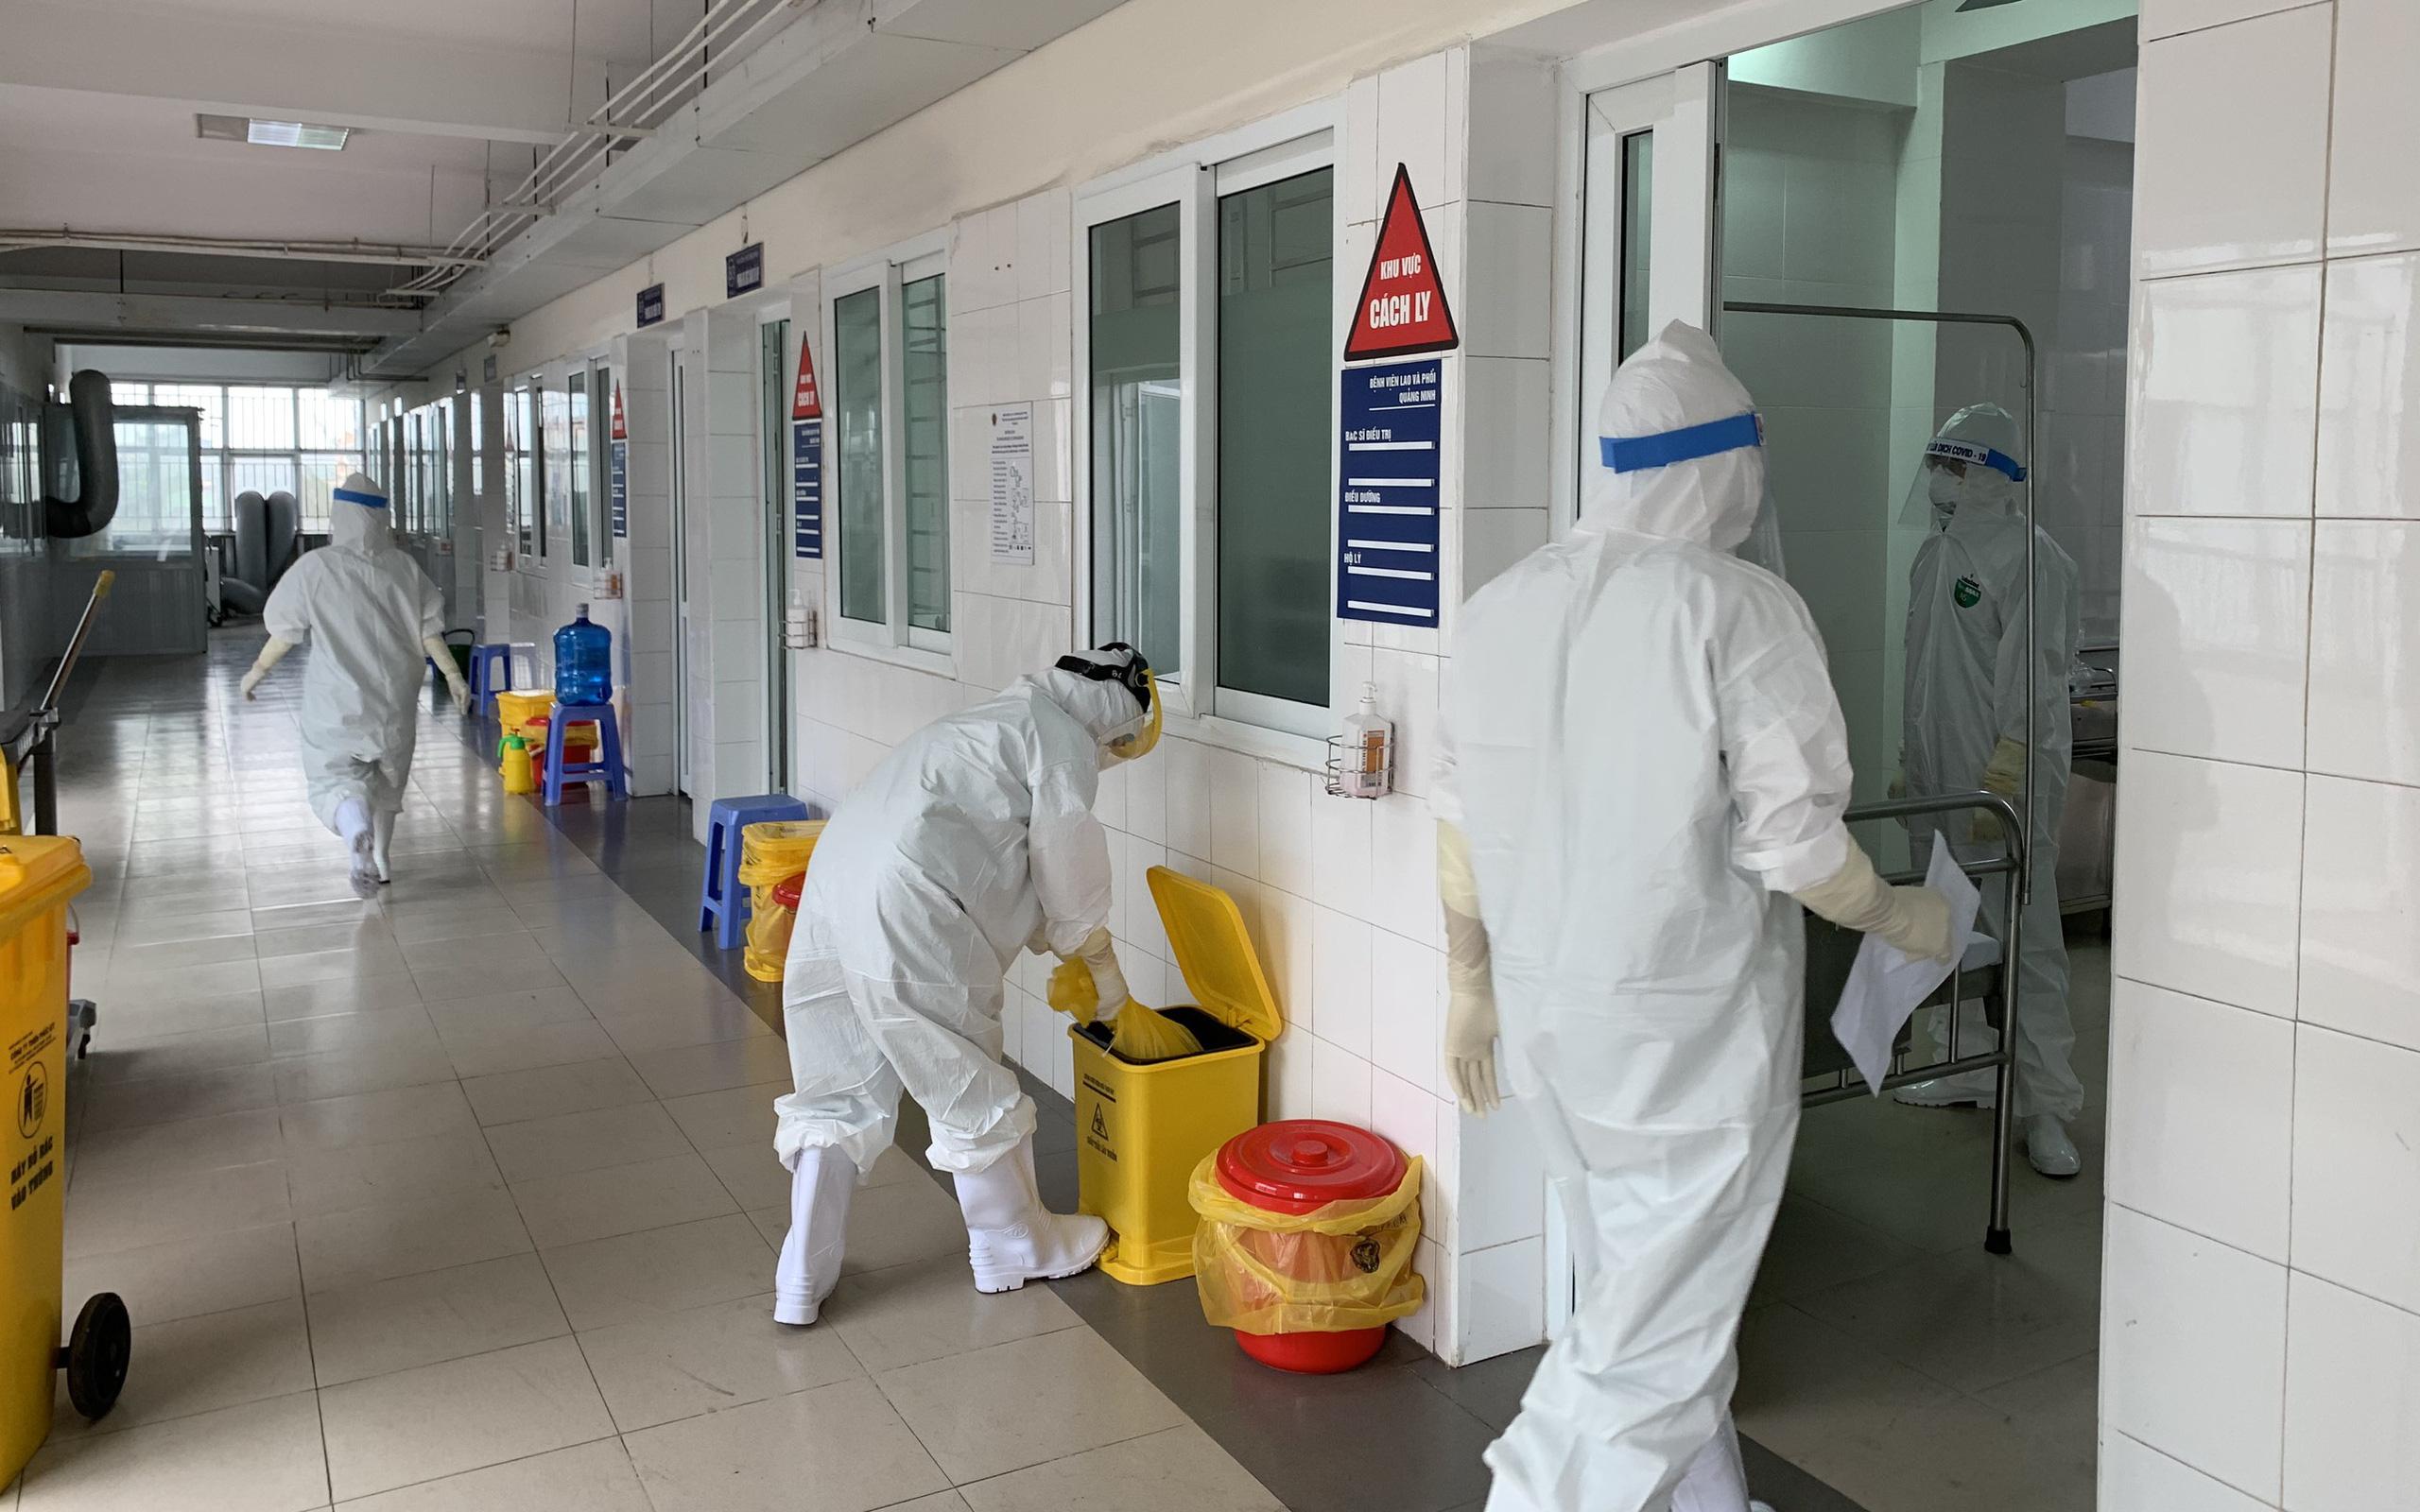 Bản tin chiều 26/2, Bộ Y tế công bố 05 ca nhiễm Covid-19, trong đó có 4 ca trong nước